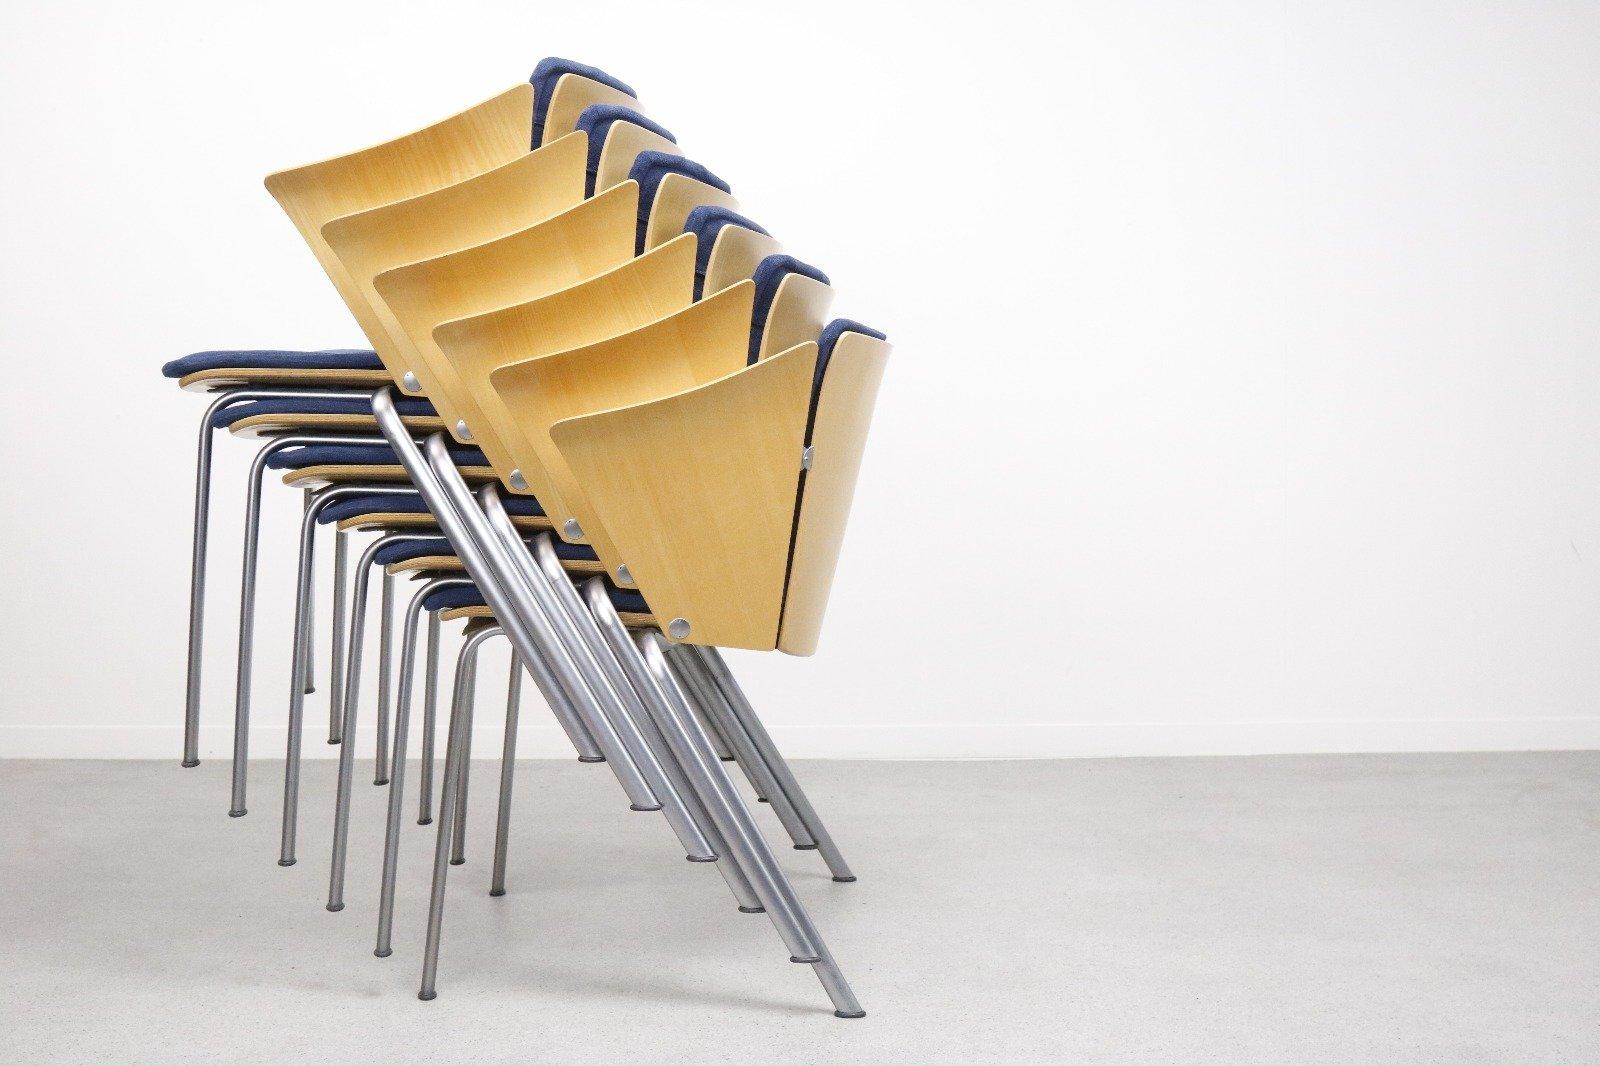 chaise d 39 appoint mod le vm3 par vico magistretti pour. Black Bedroom Furniture Sets. Home Design Ideas